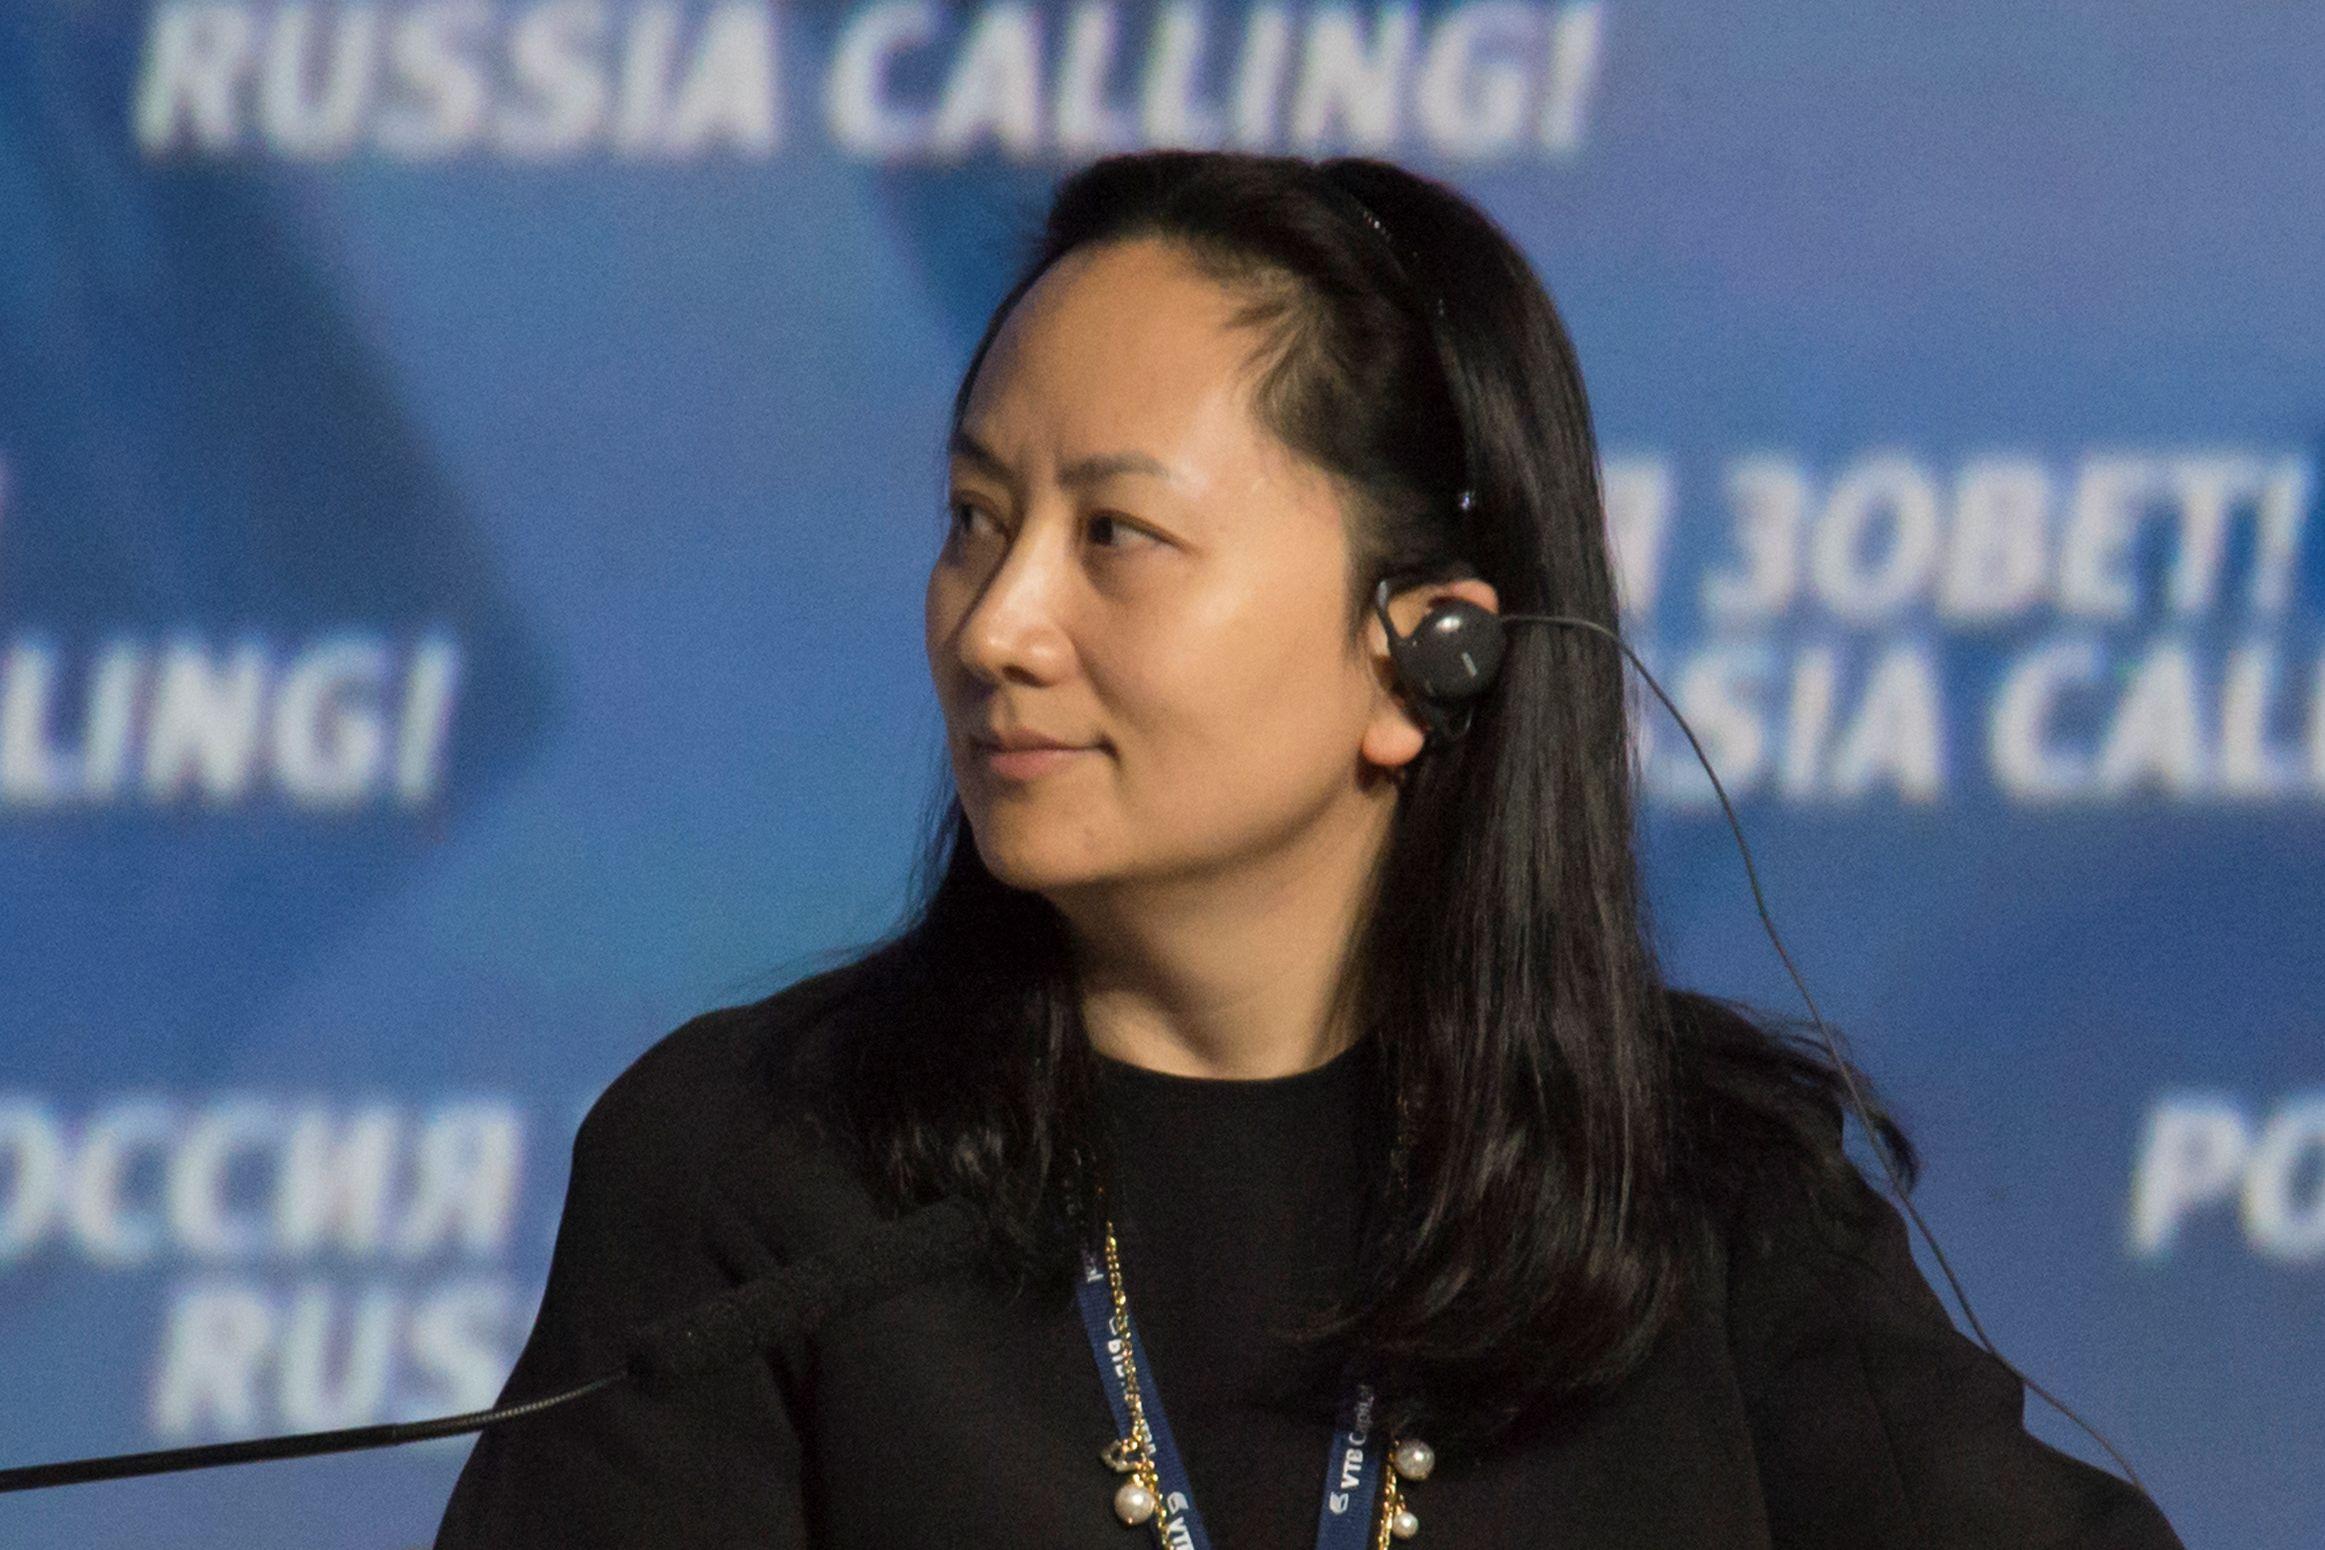 Diretora da Huawei detida no Canadá alega razões de saúde para sair